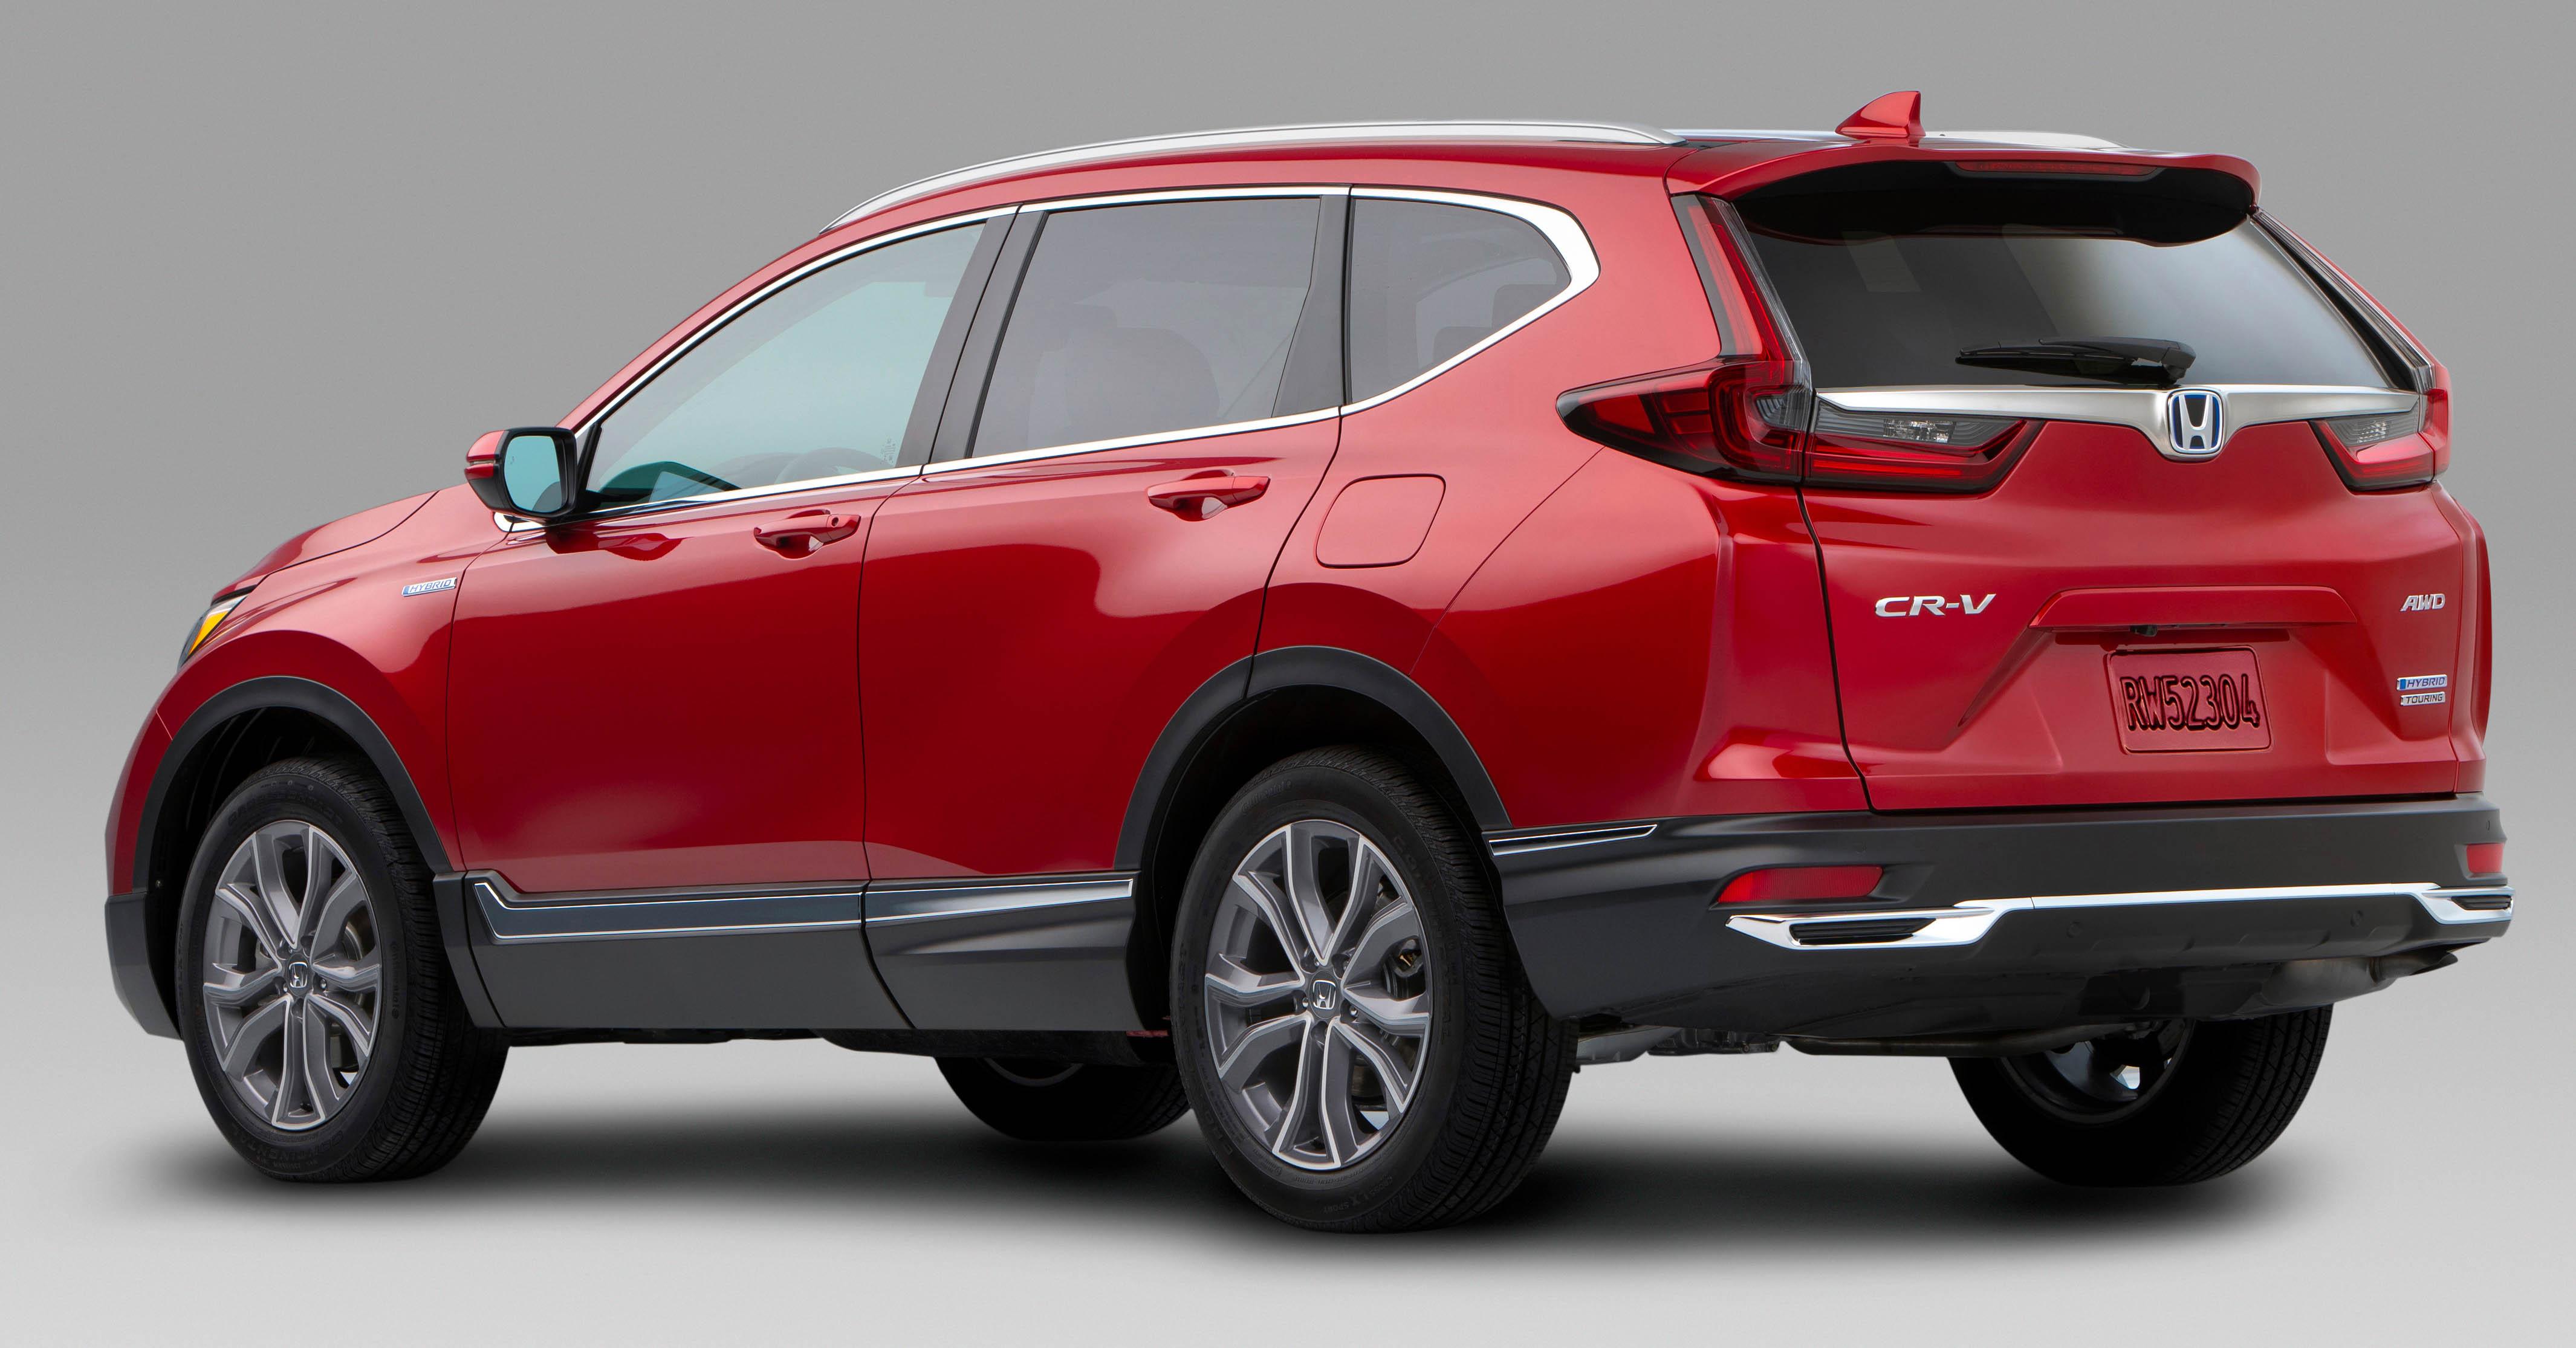 Kelebihan Mobil Honda Terbaru 2019 Perbandingan Harga